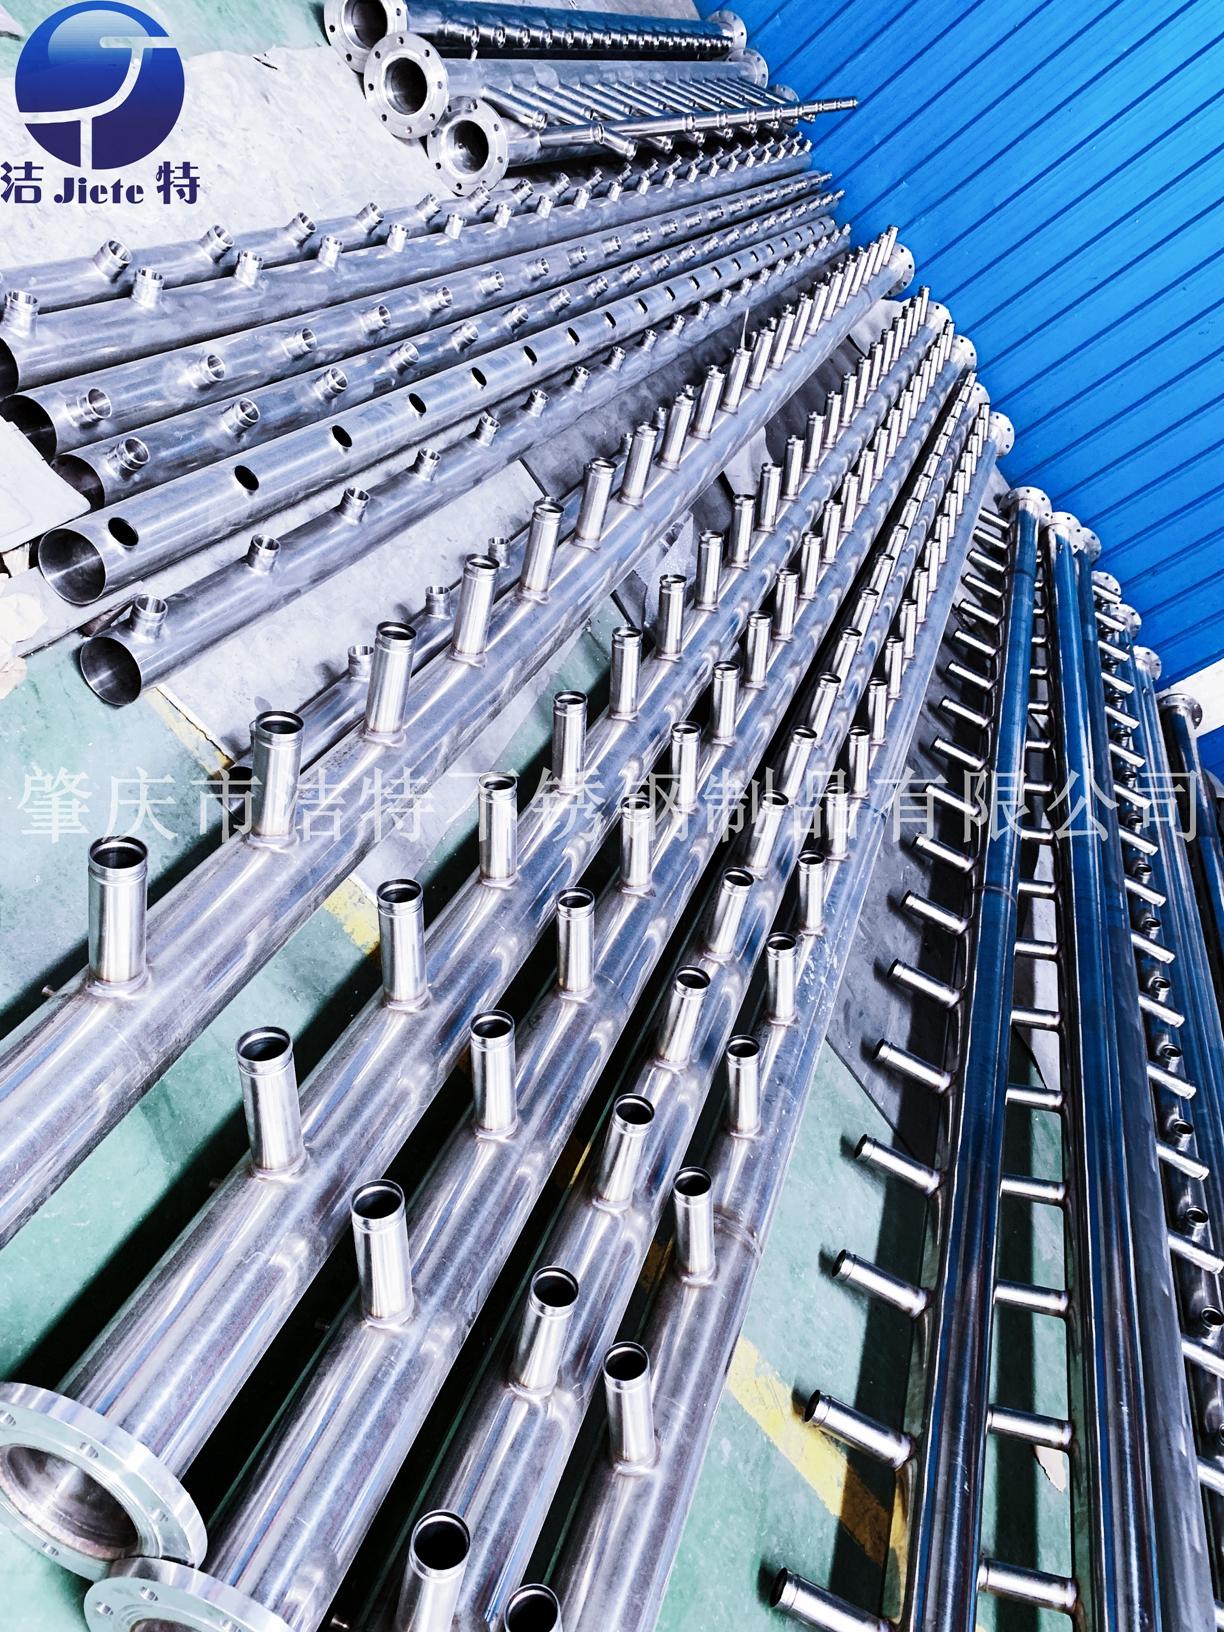 广州不锈钢管_不锈钢圆钢相关-肇庆市高要区洁特不锈钢制品有限公司